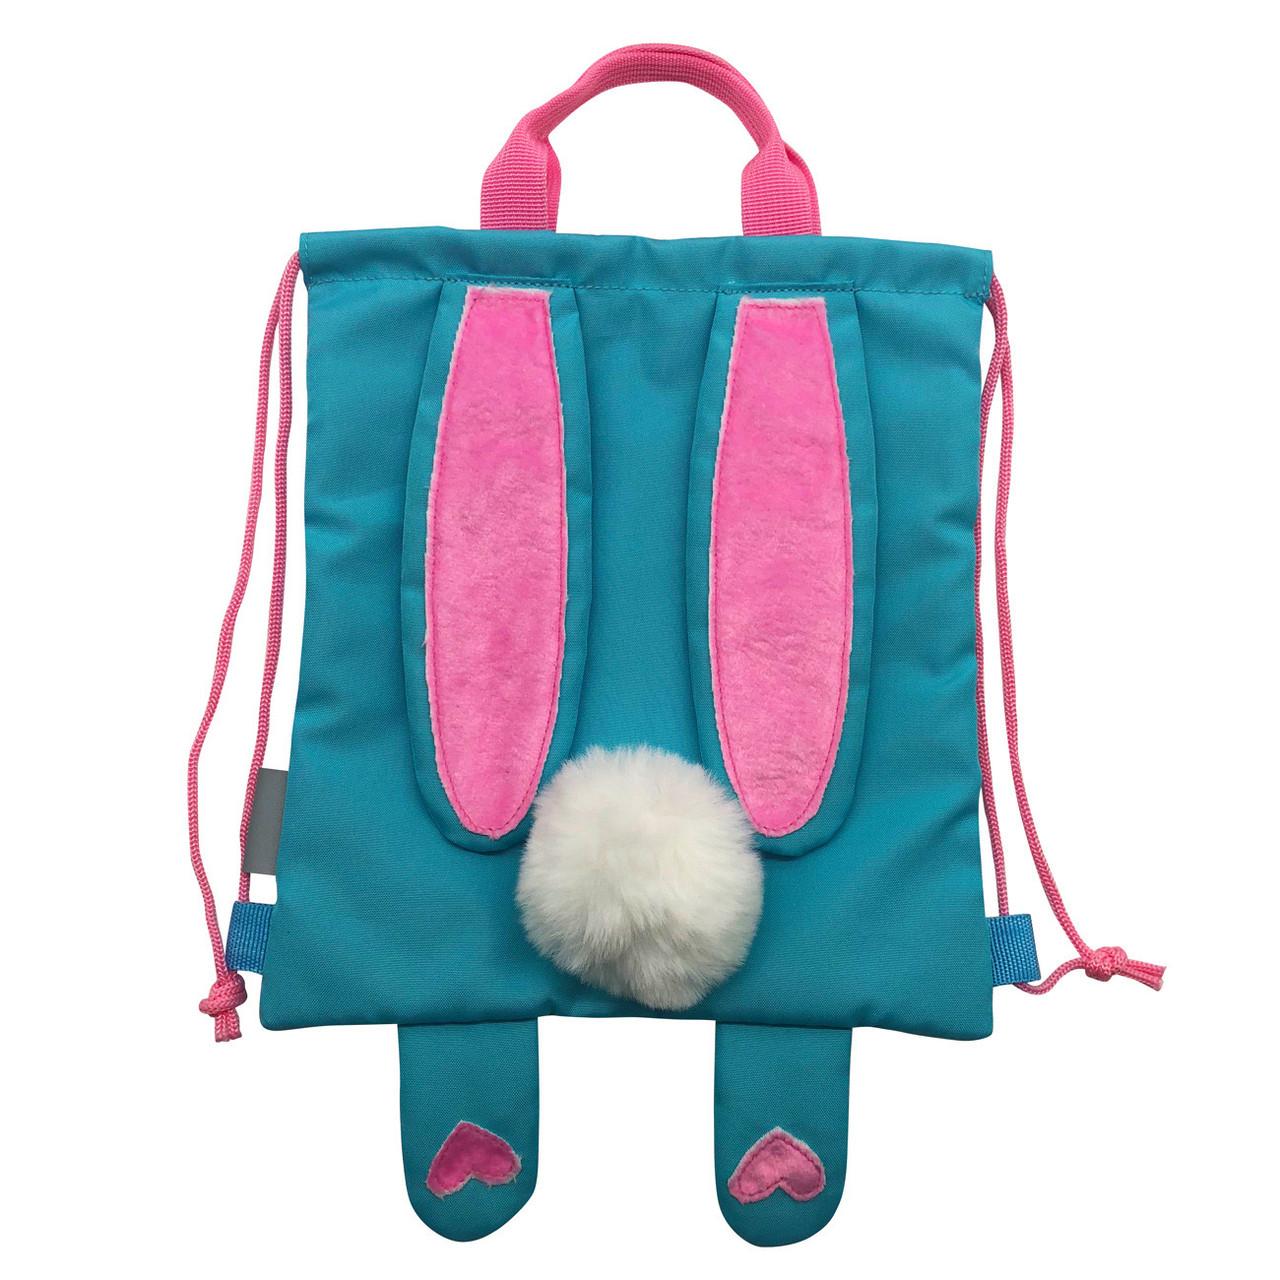 Сумка-мешок детская 1 Вересня SB-13 Honey bunny Разноцветный 556783, КОД: 1259082